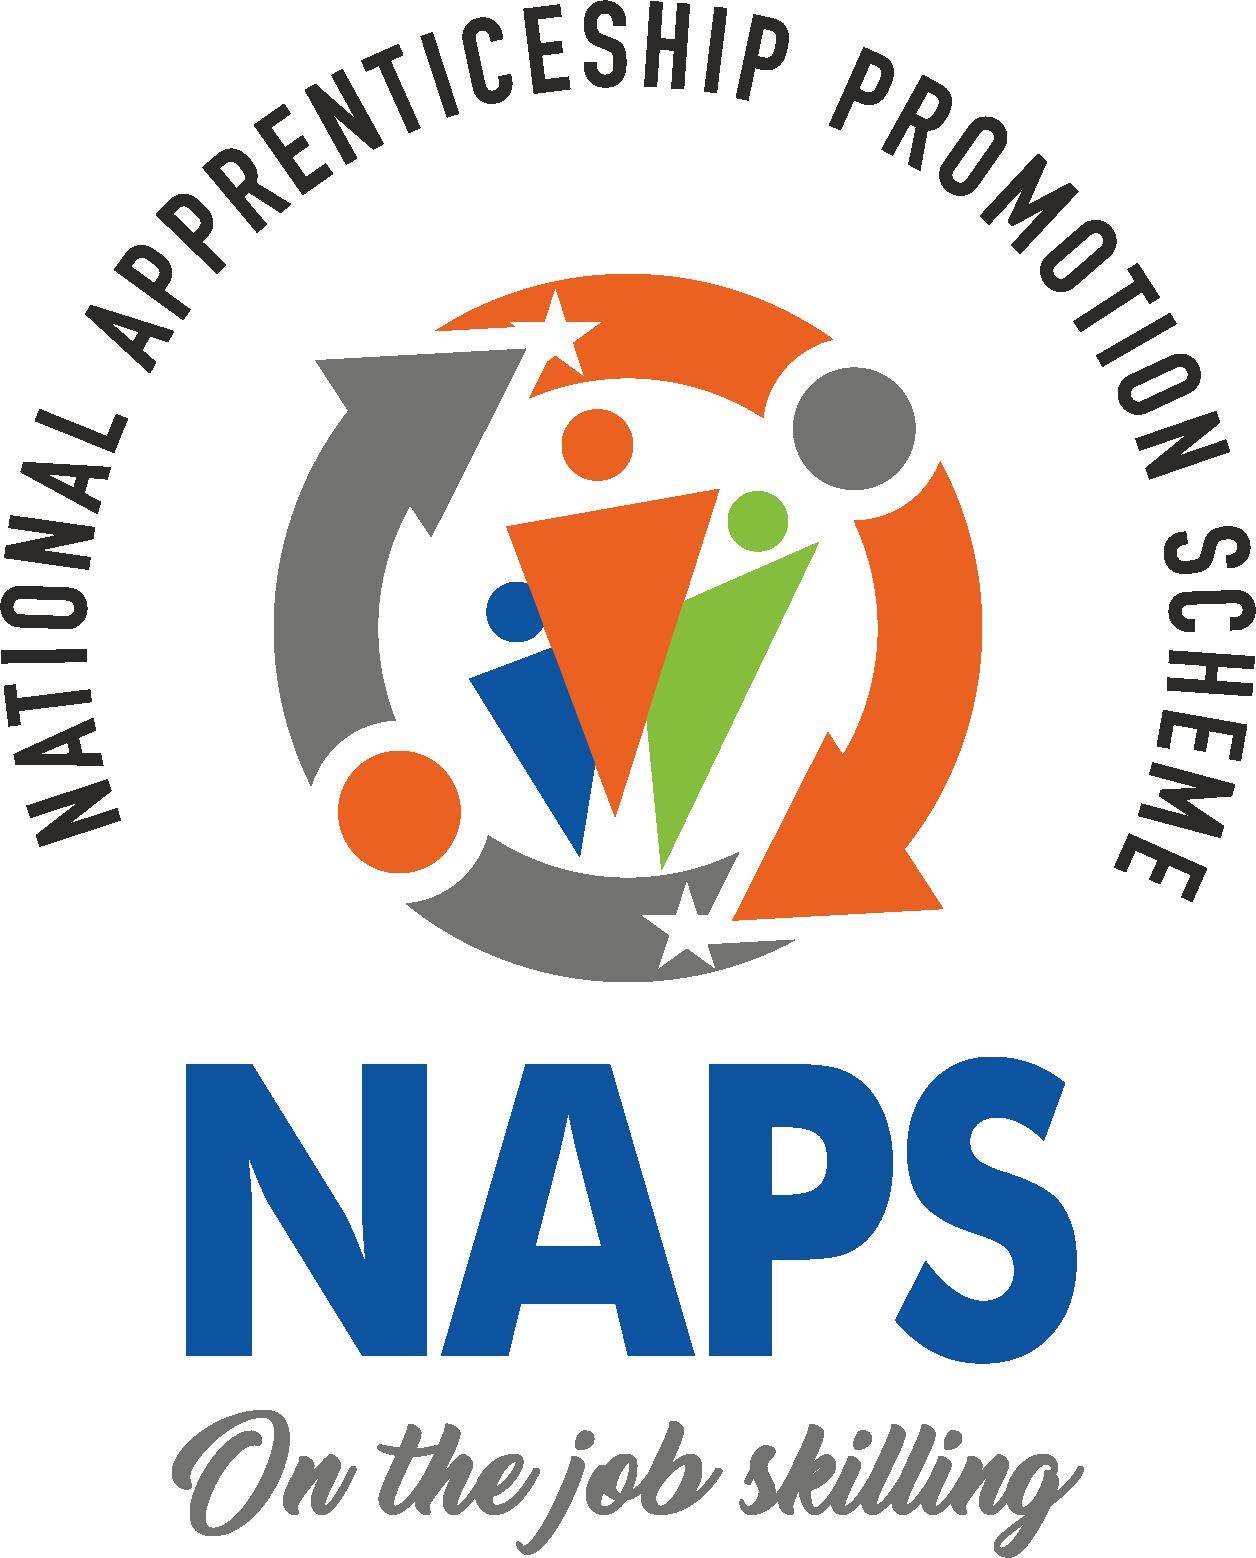 naps_logo_final